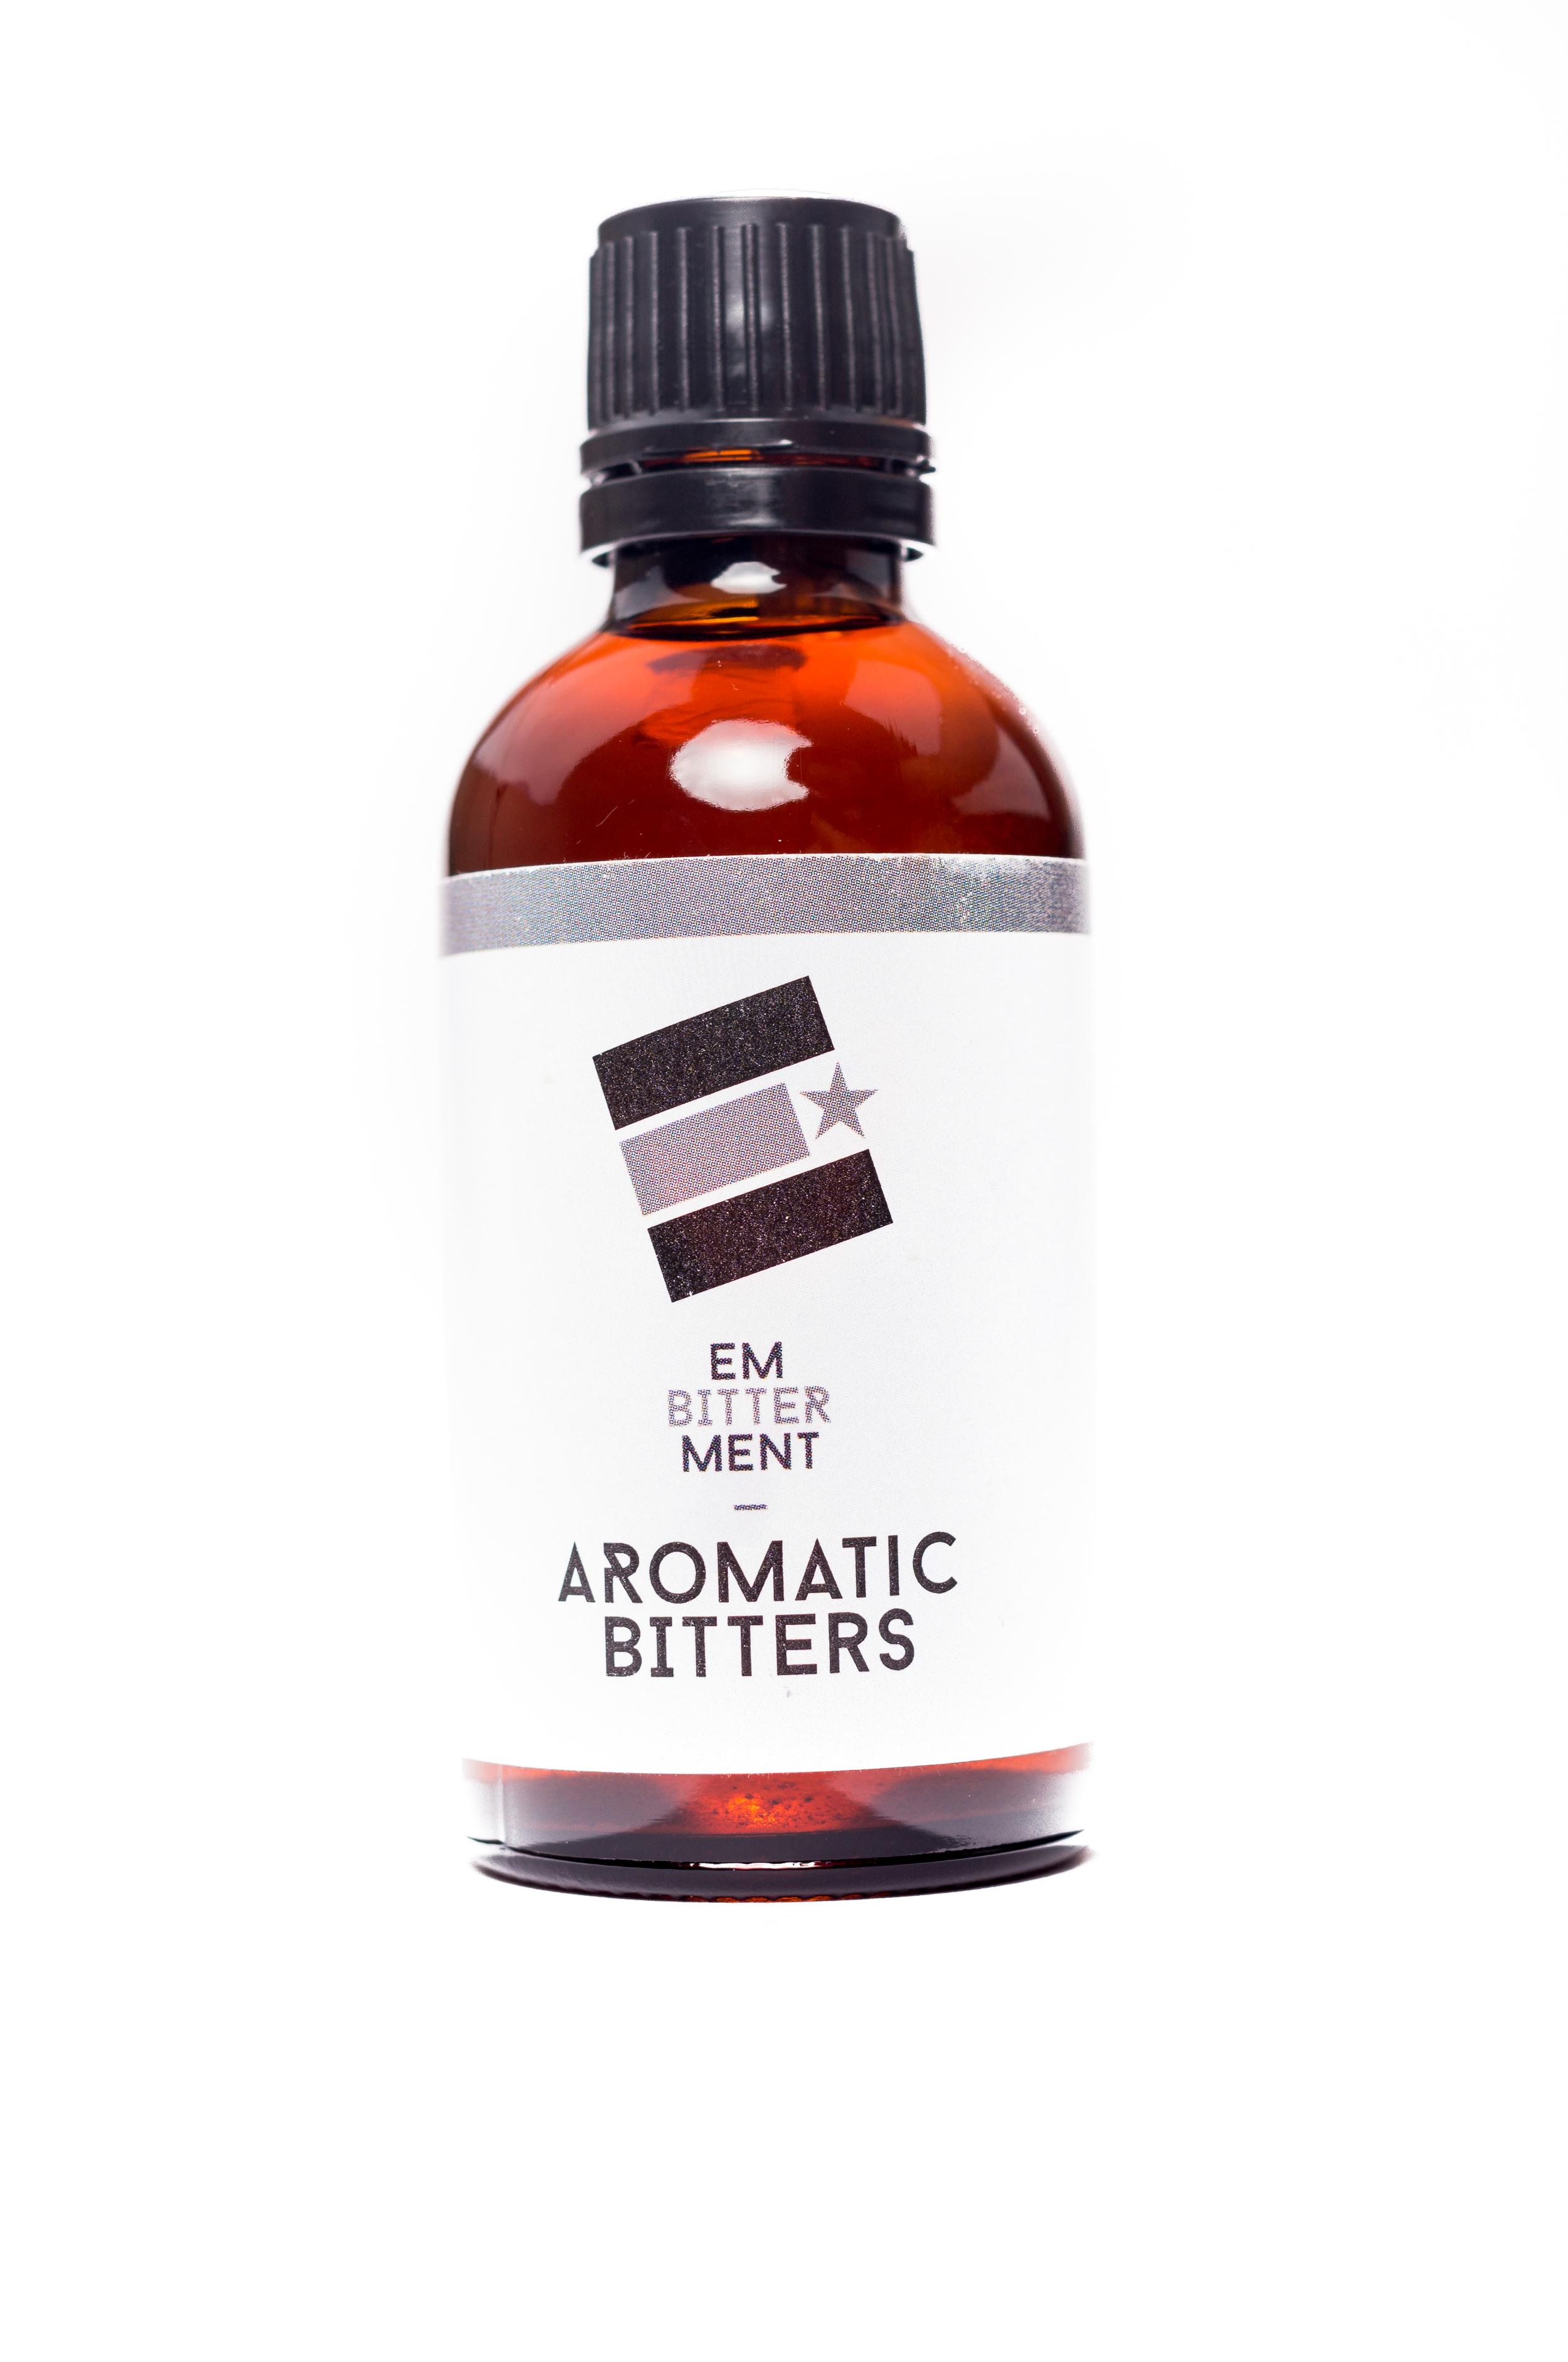 embitterment-aromatic-bitters-bottle.jpg